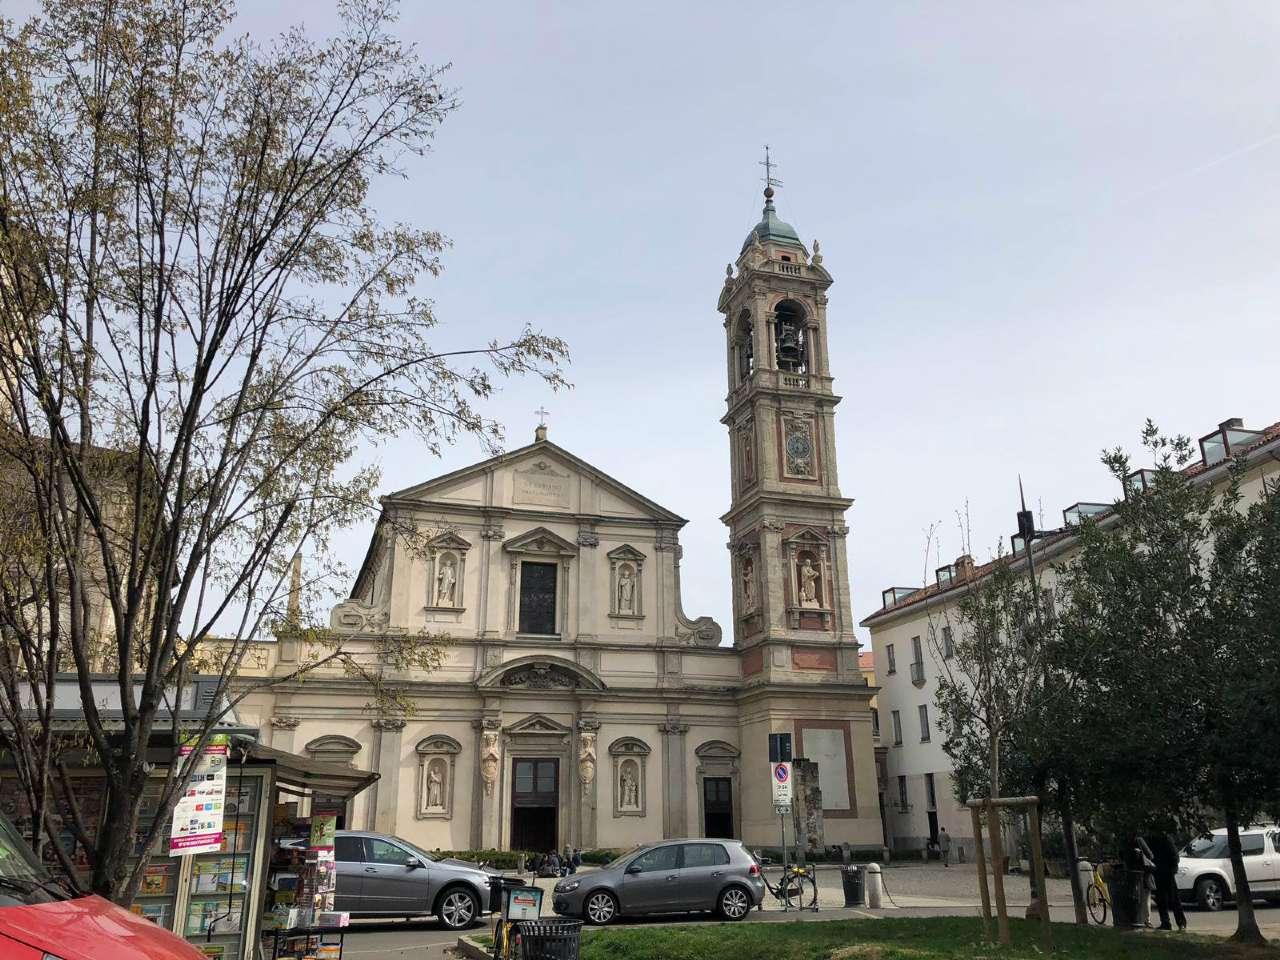 Appartamento in Vendita a Milano 01 Centro storico (Cerchia dei Navigli): 3 locali, 110 mq